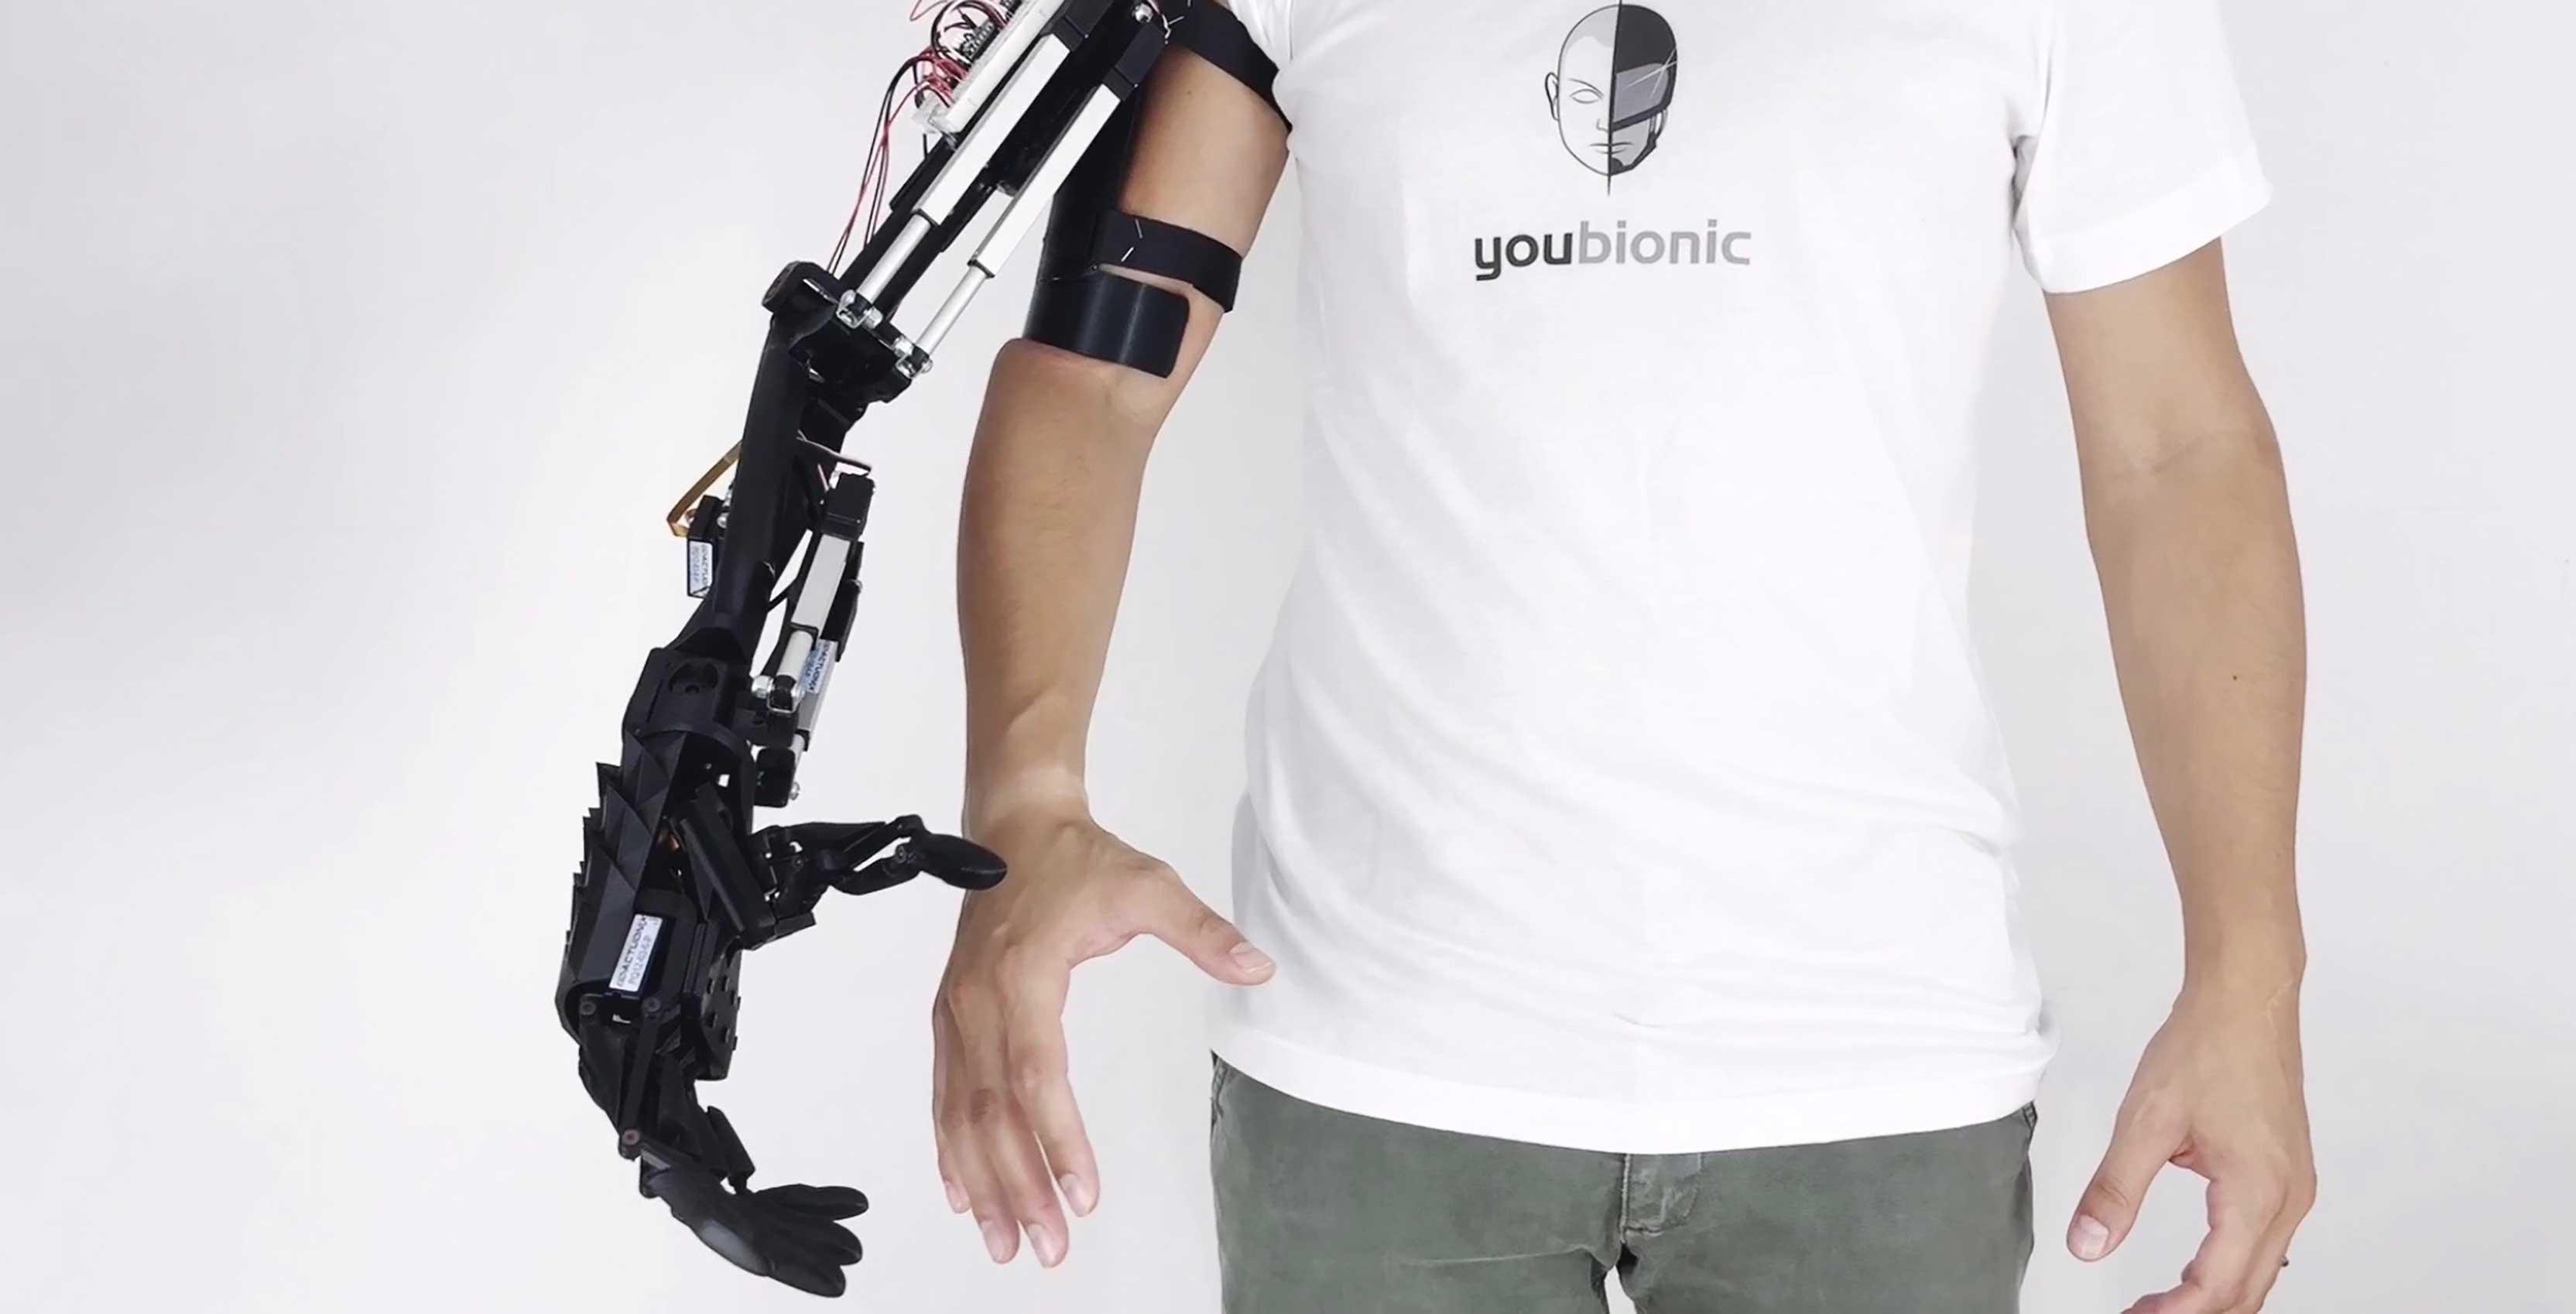 Youbionic arm